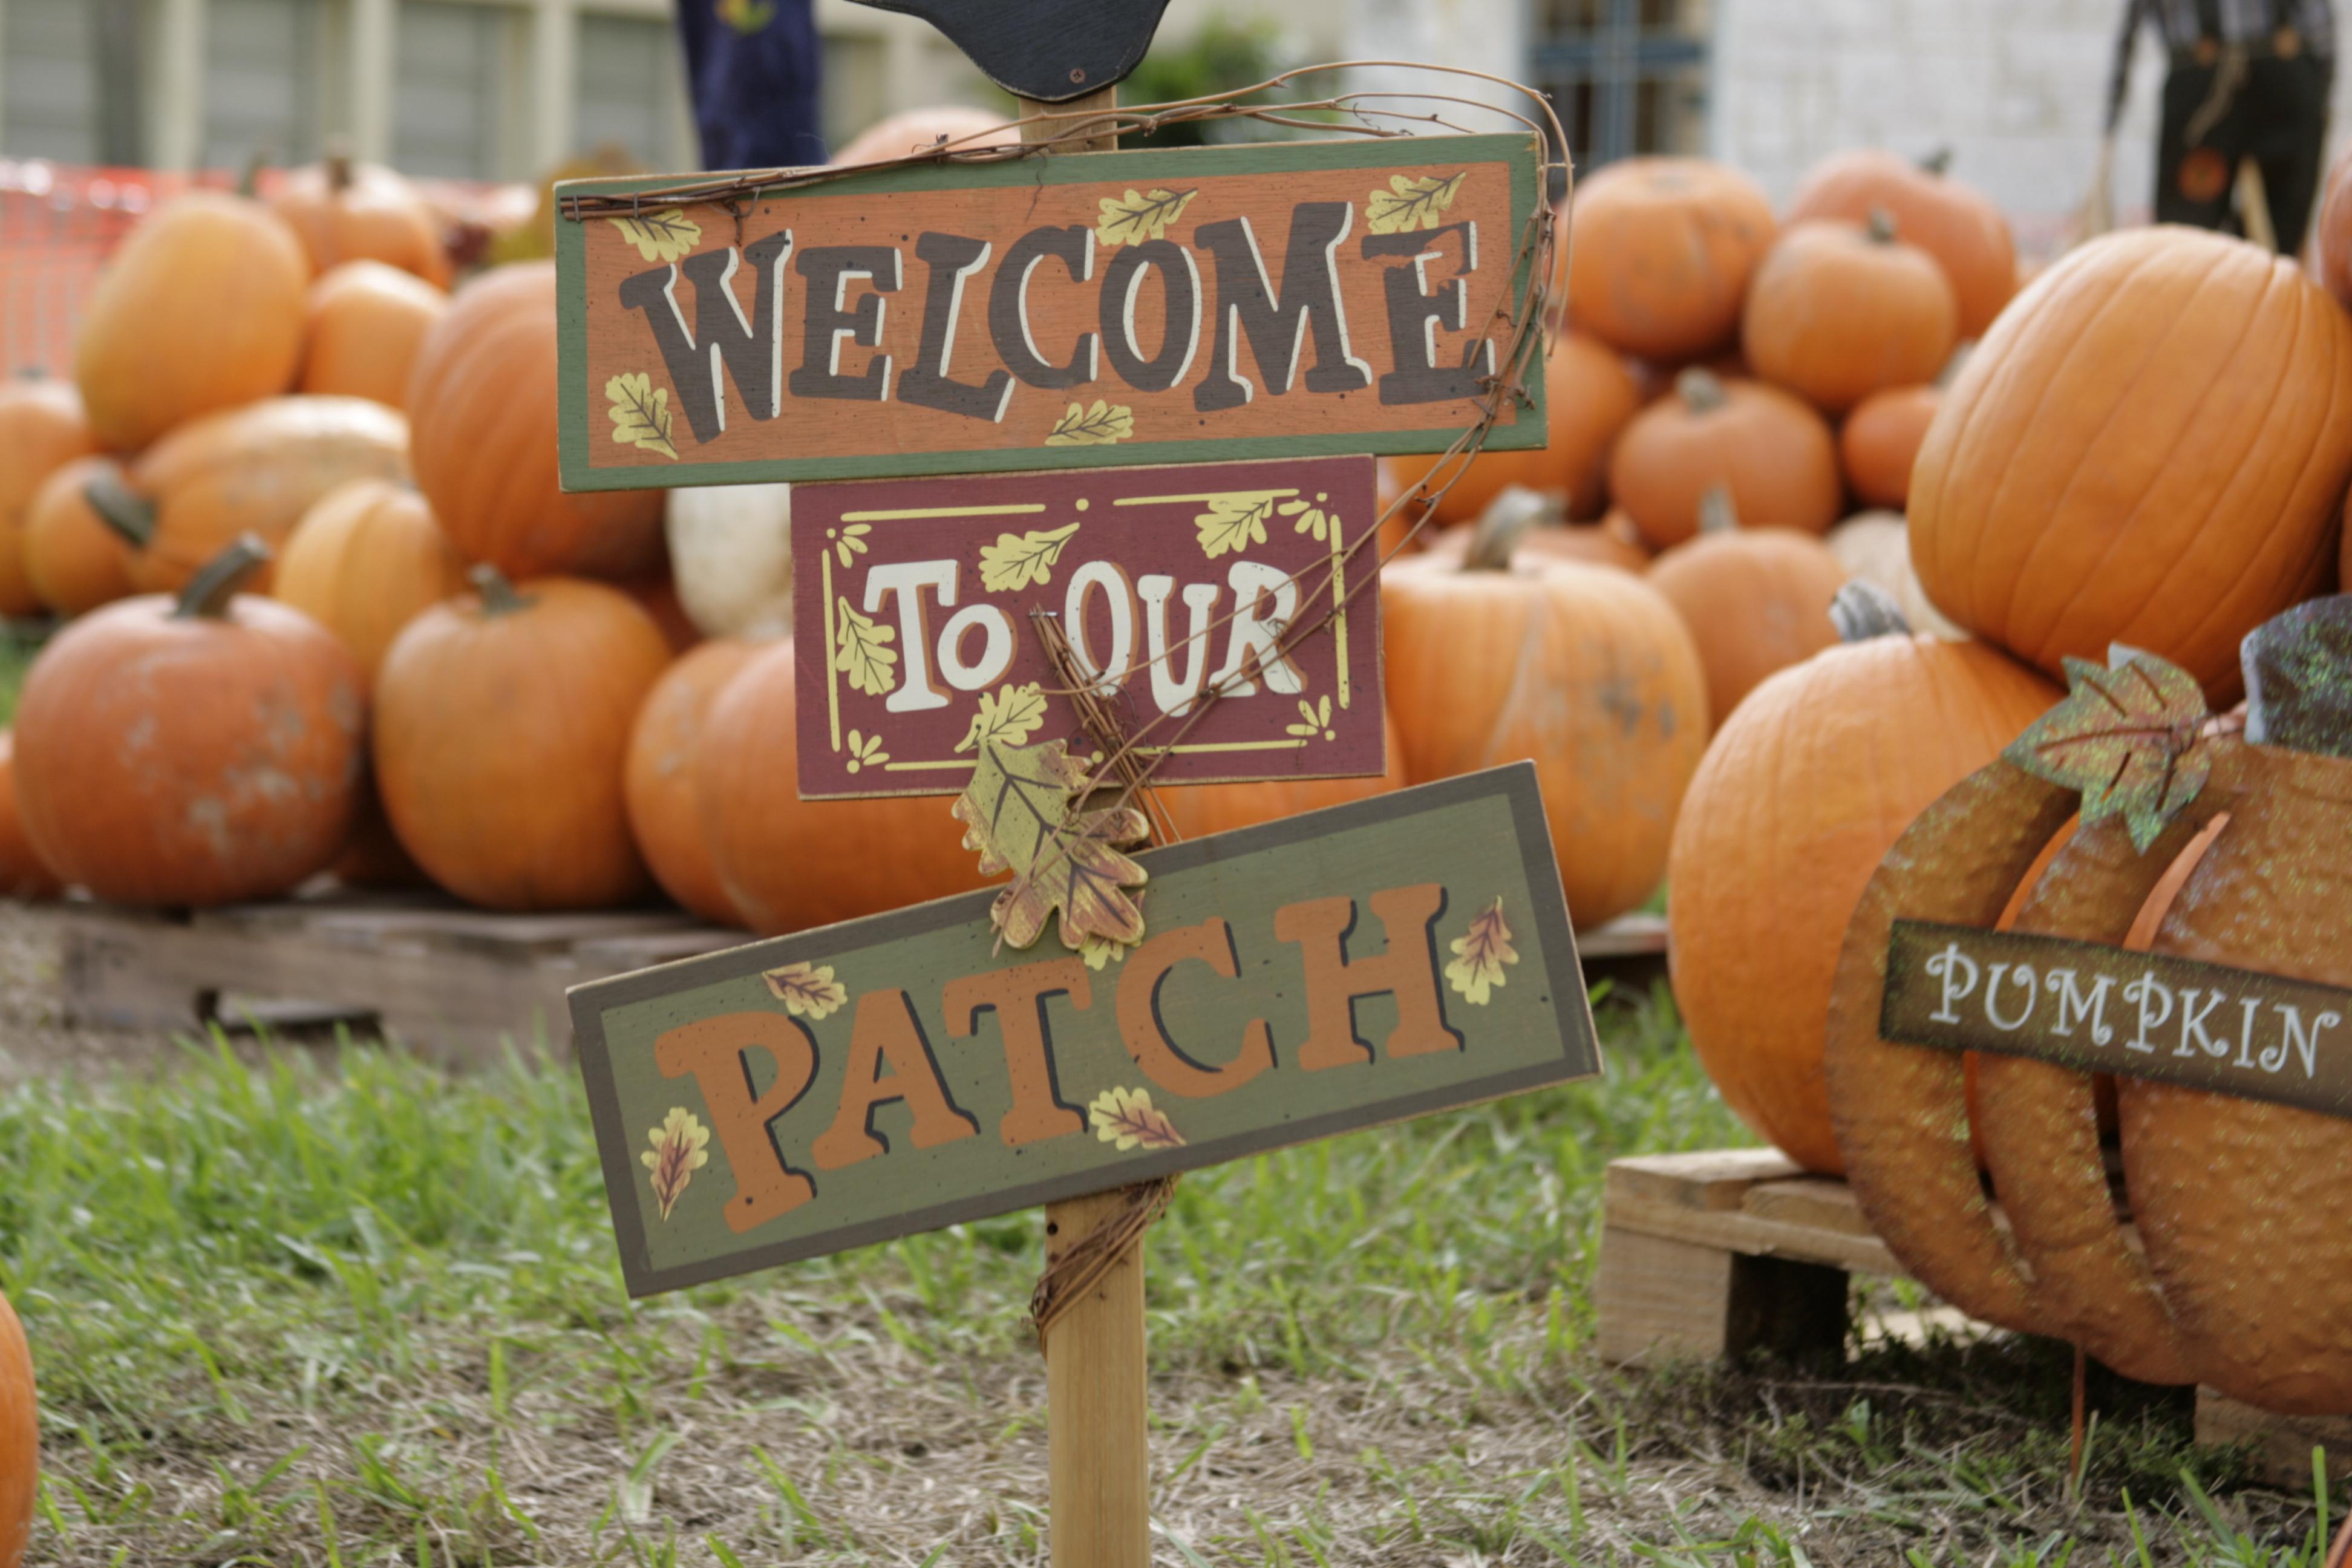 Foundation Pumpkin Patch - UMC Temple